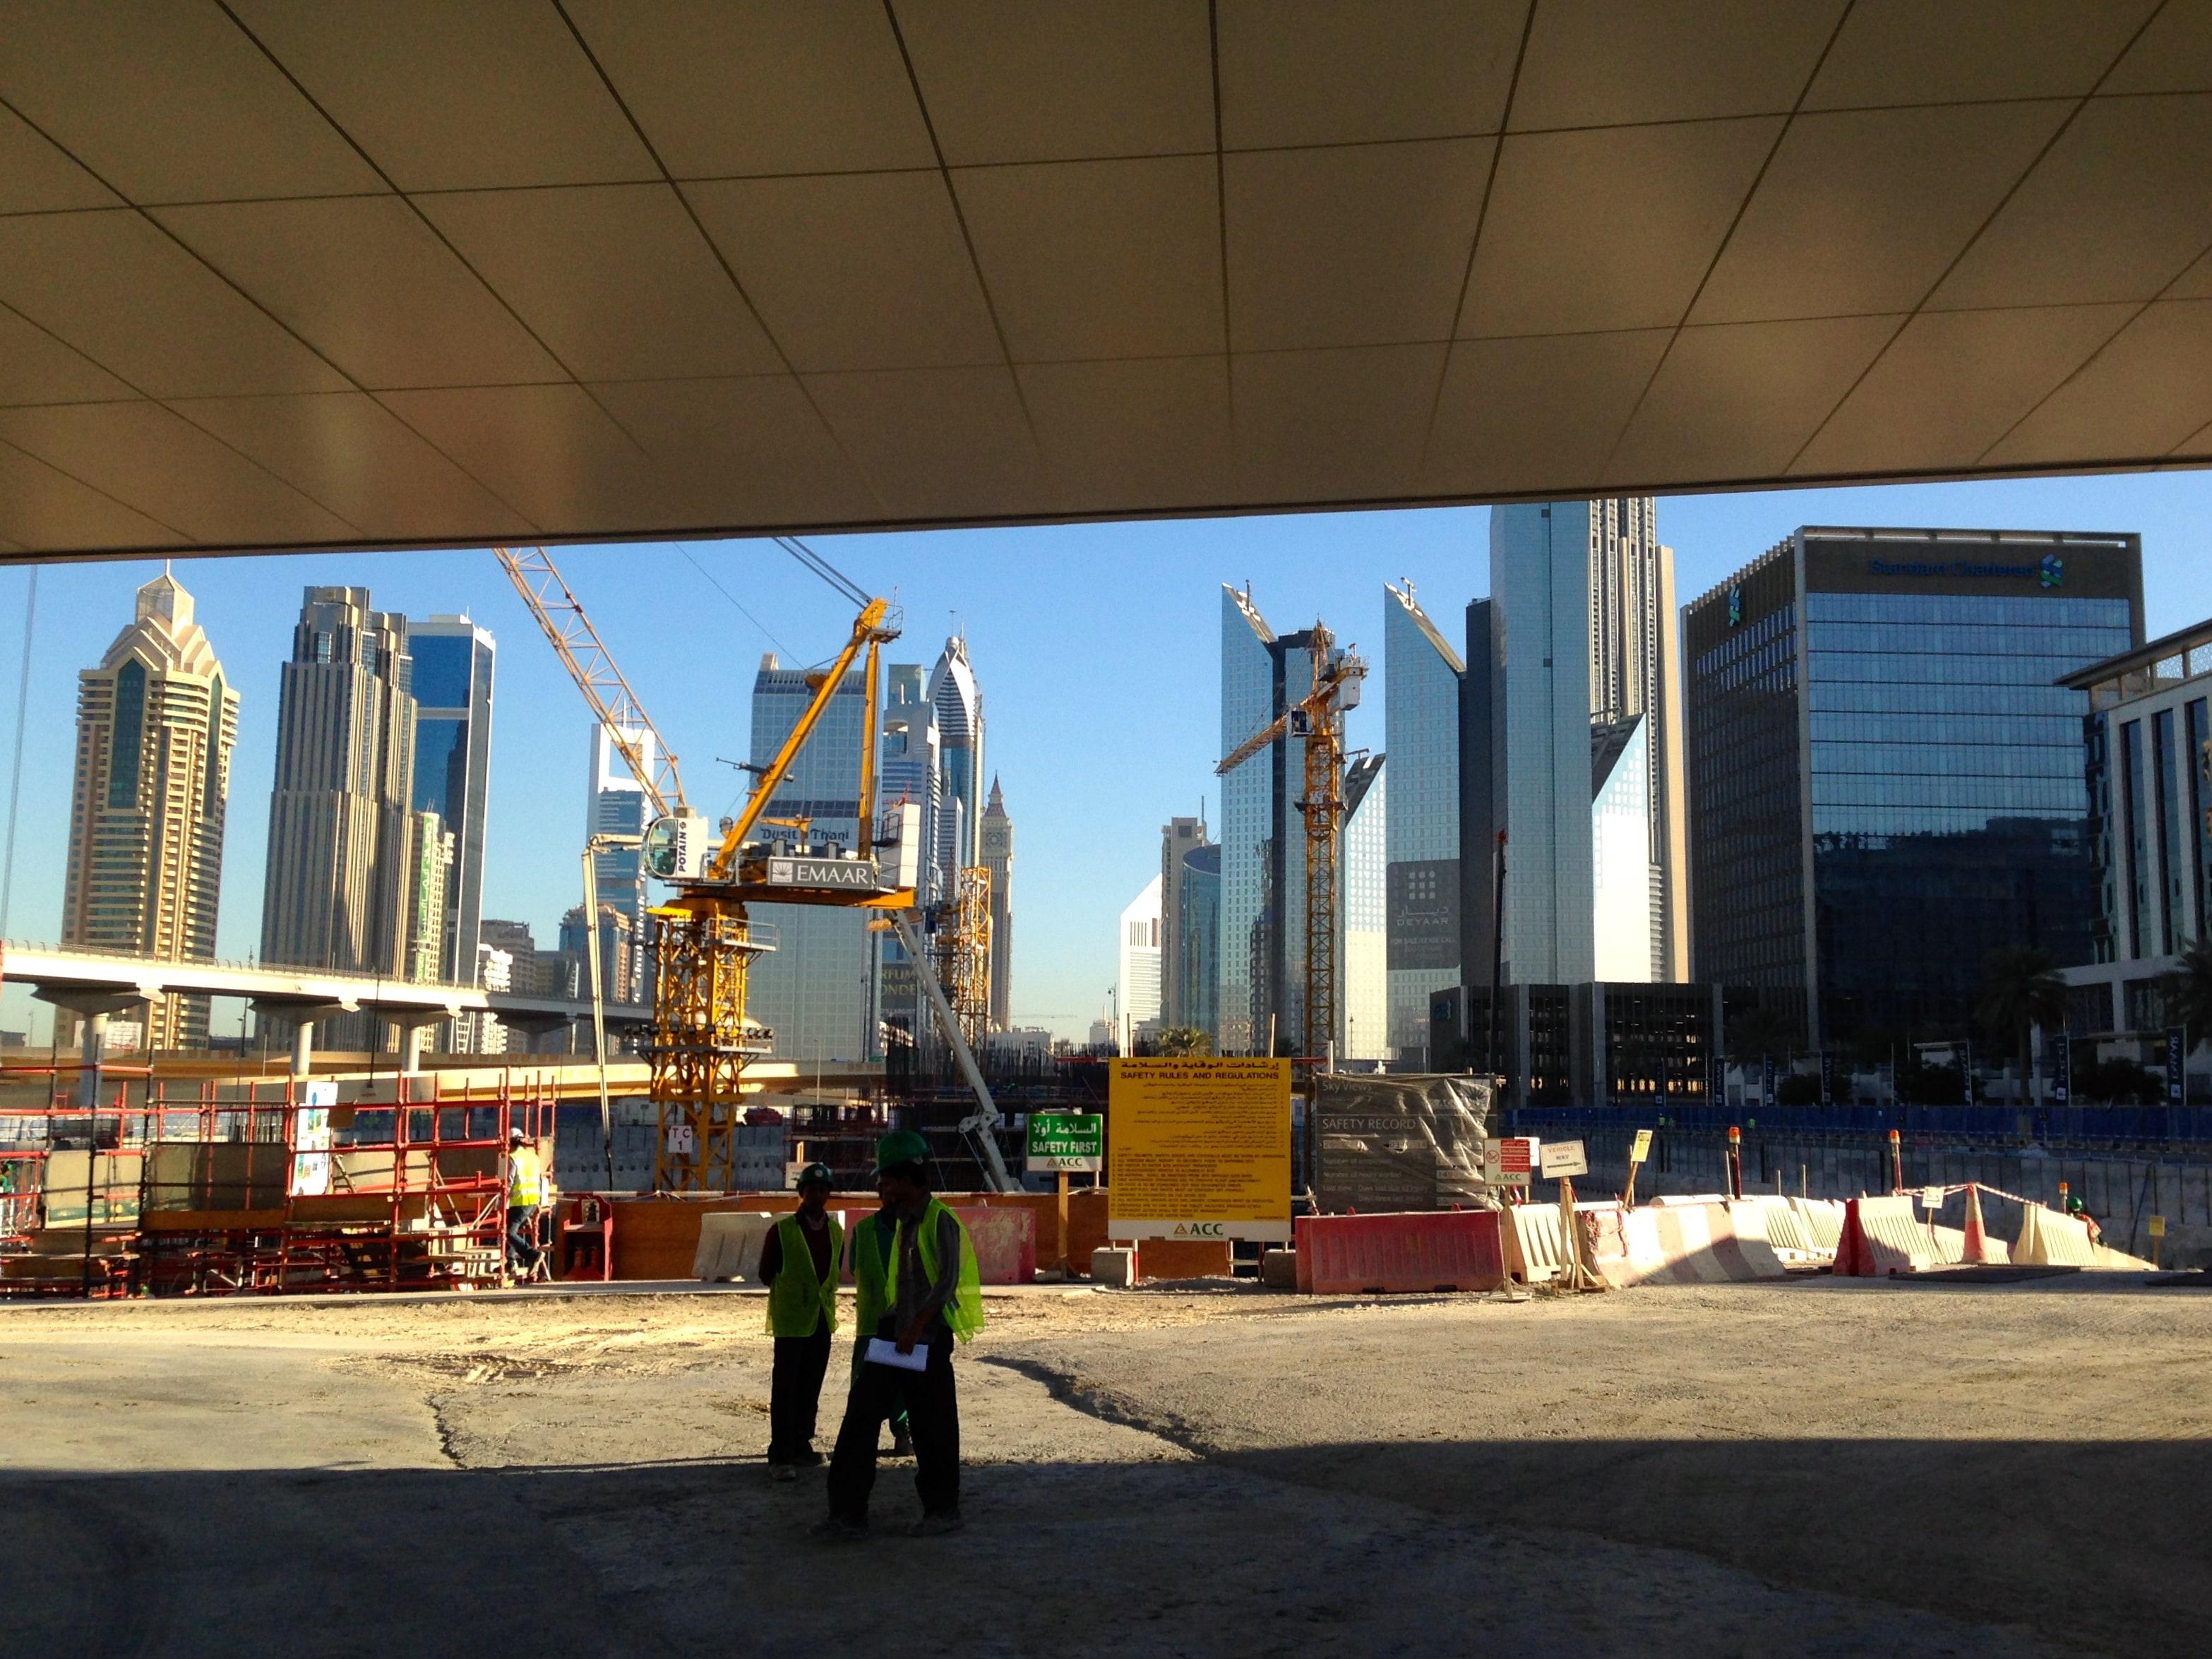 Qué ver en una escala en Dubai; obras y construcción